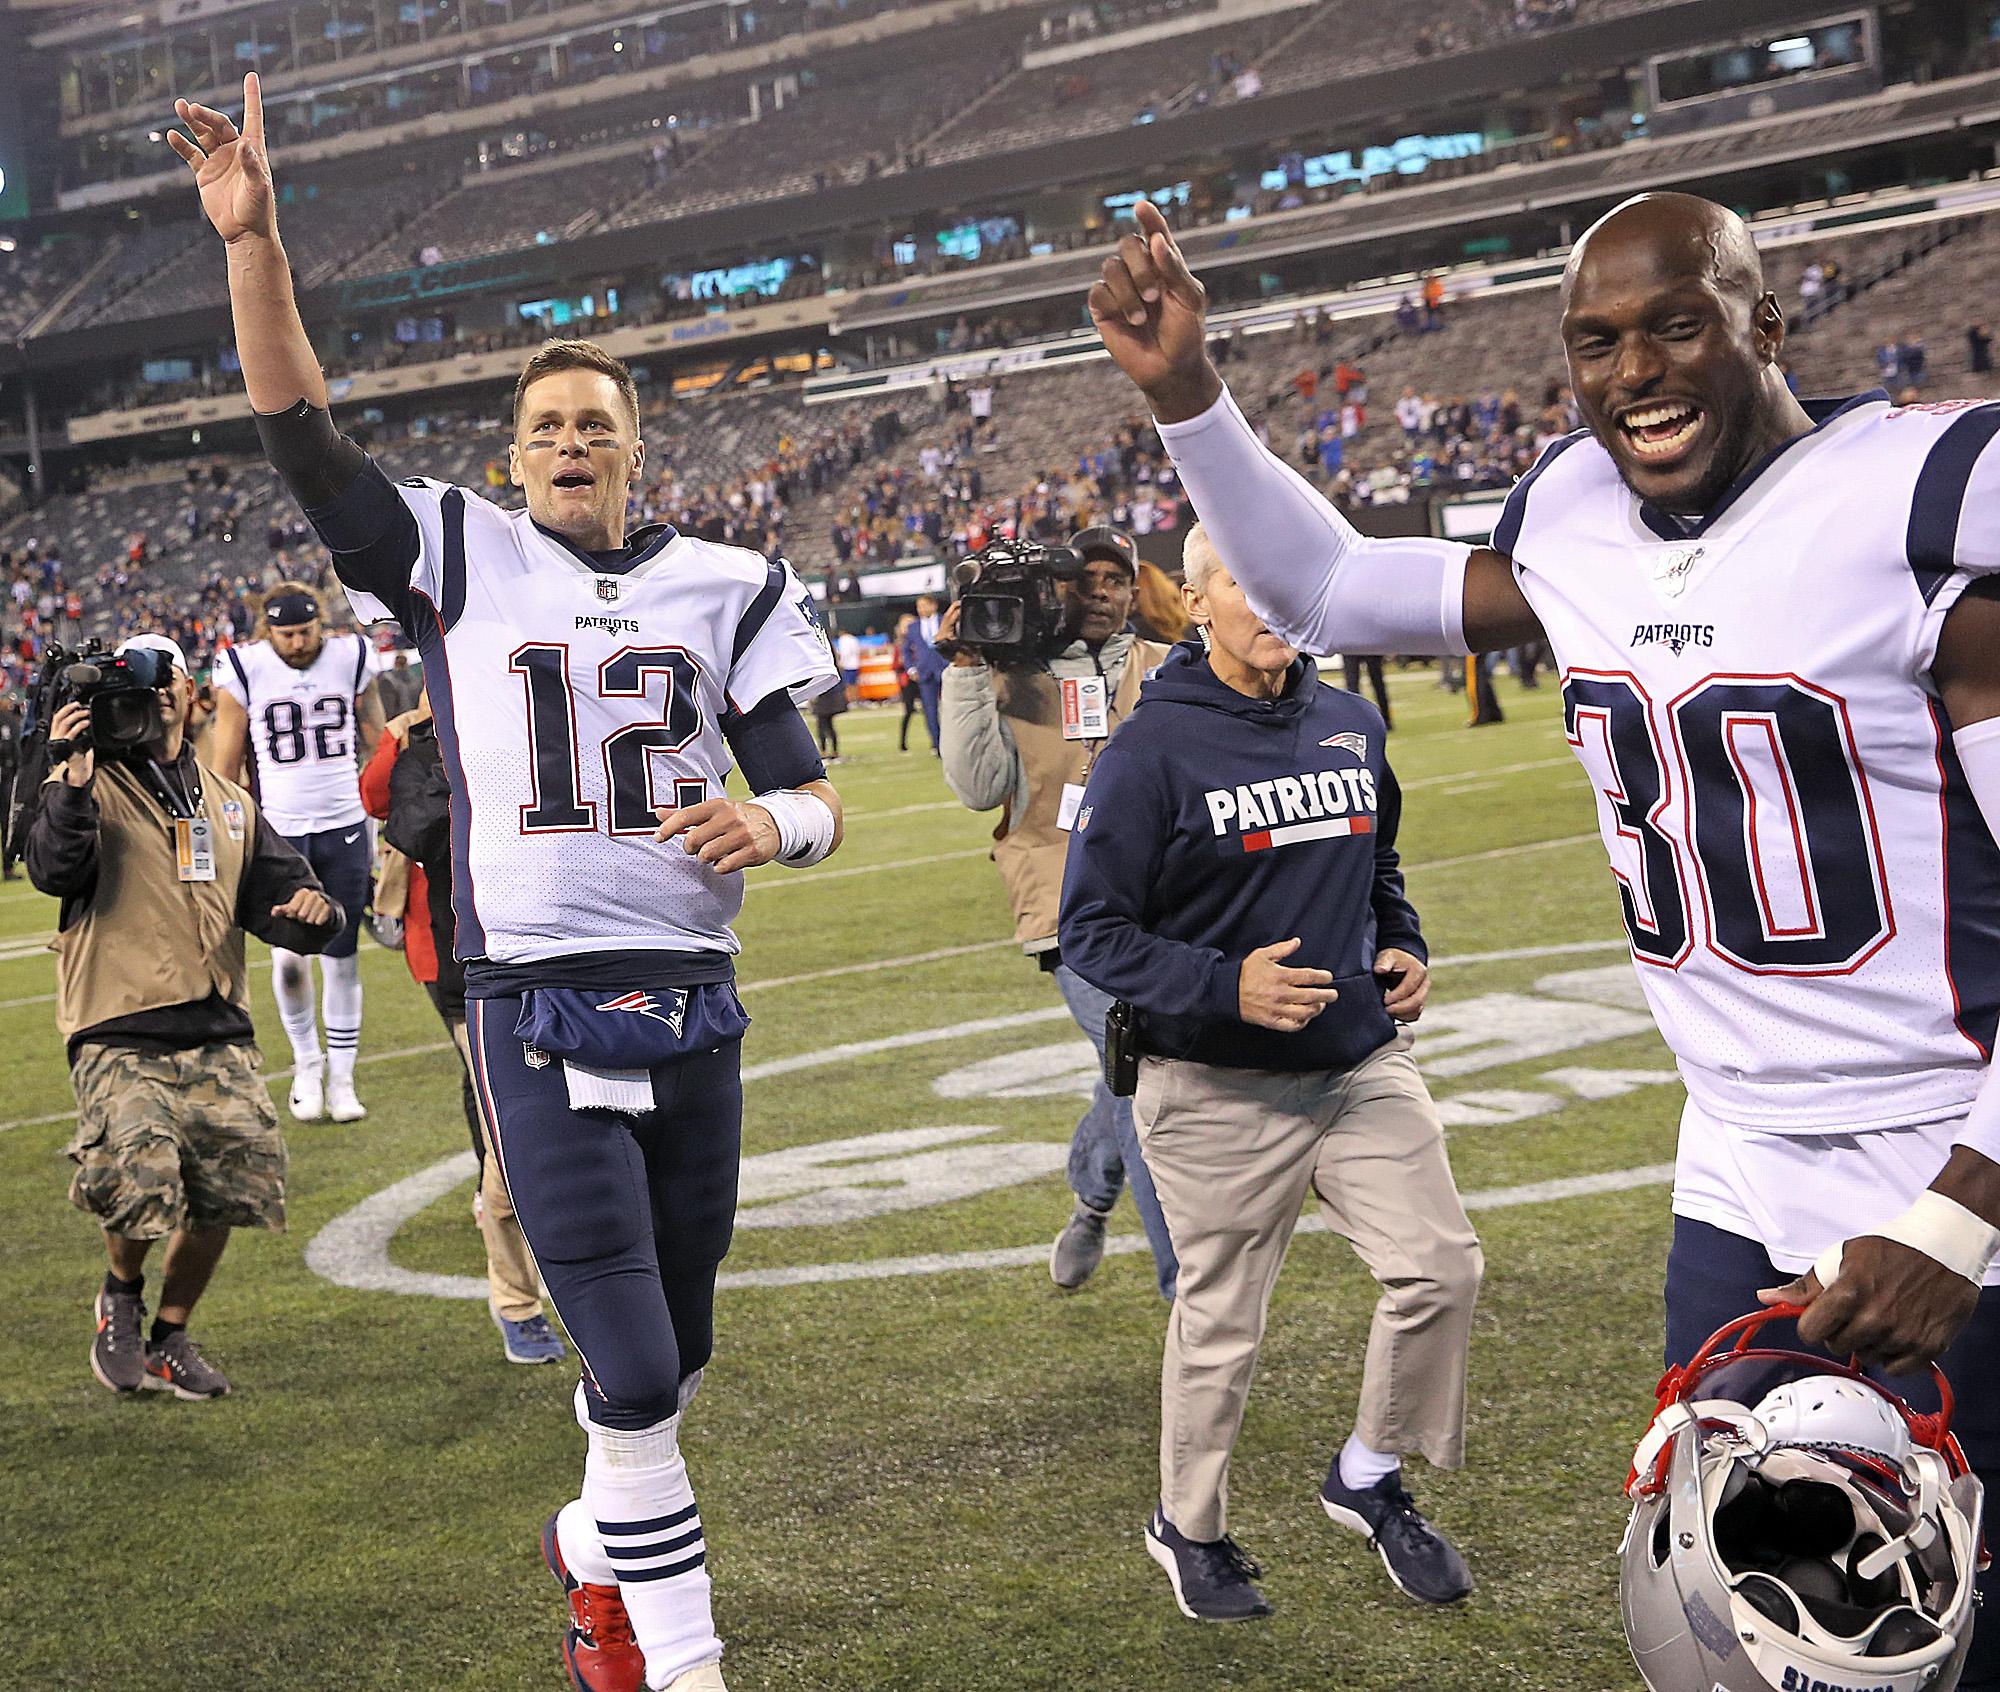 Patriots vs. Jets - Tom Brady